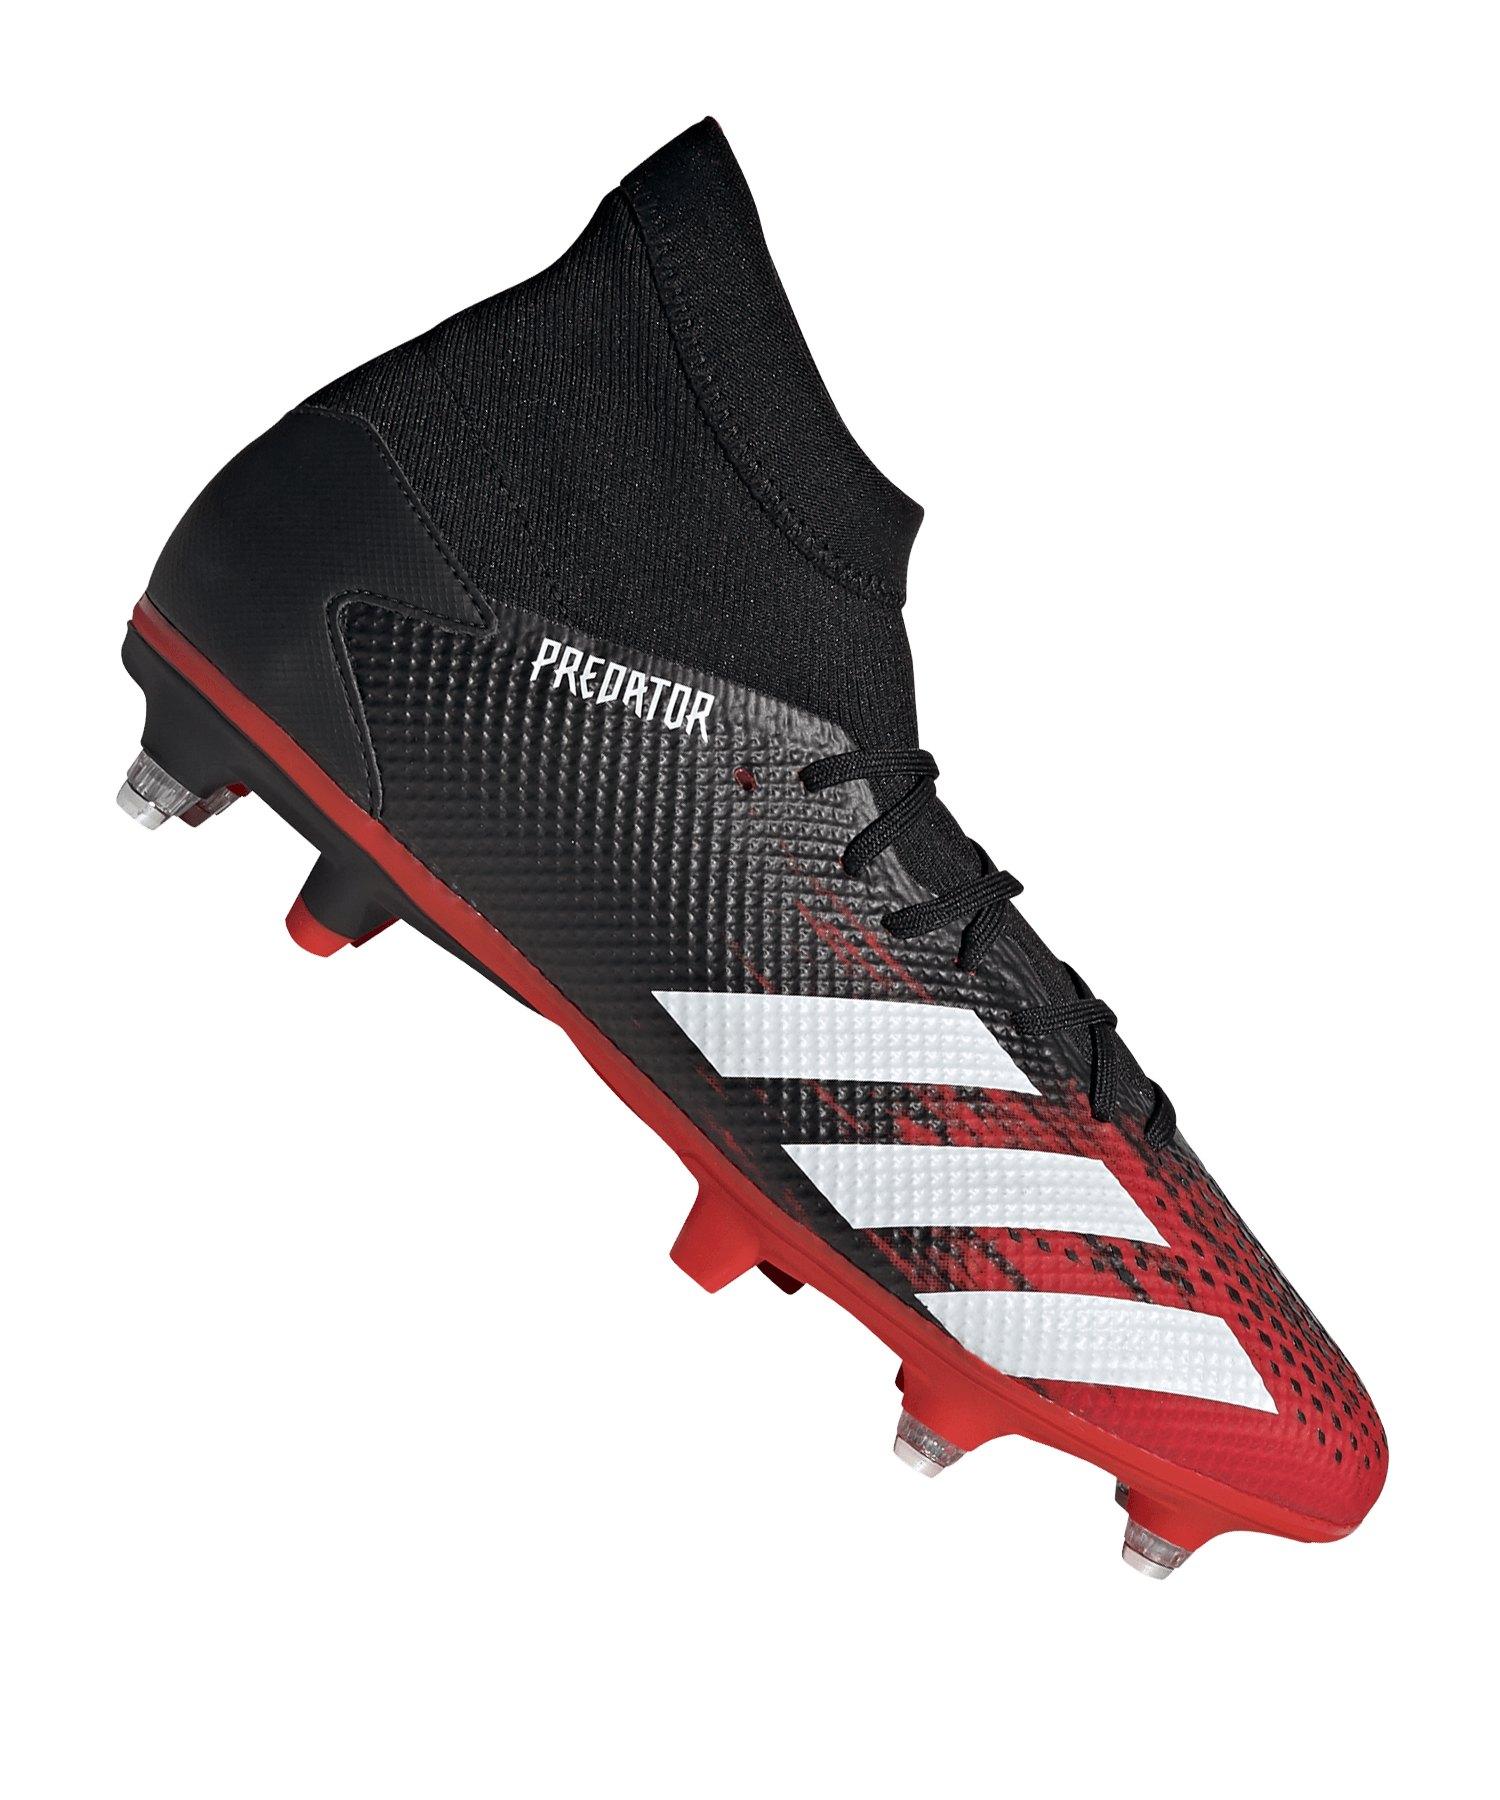 adidas Predator Mutator 20.3 SG Schwarz Rot - schwarz